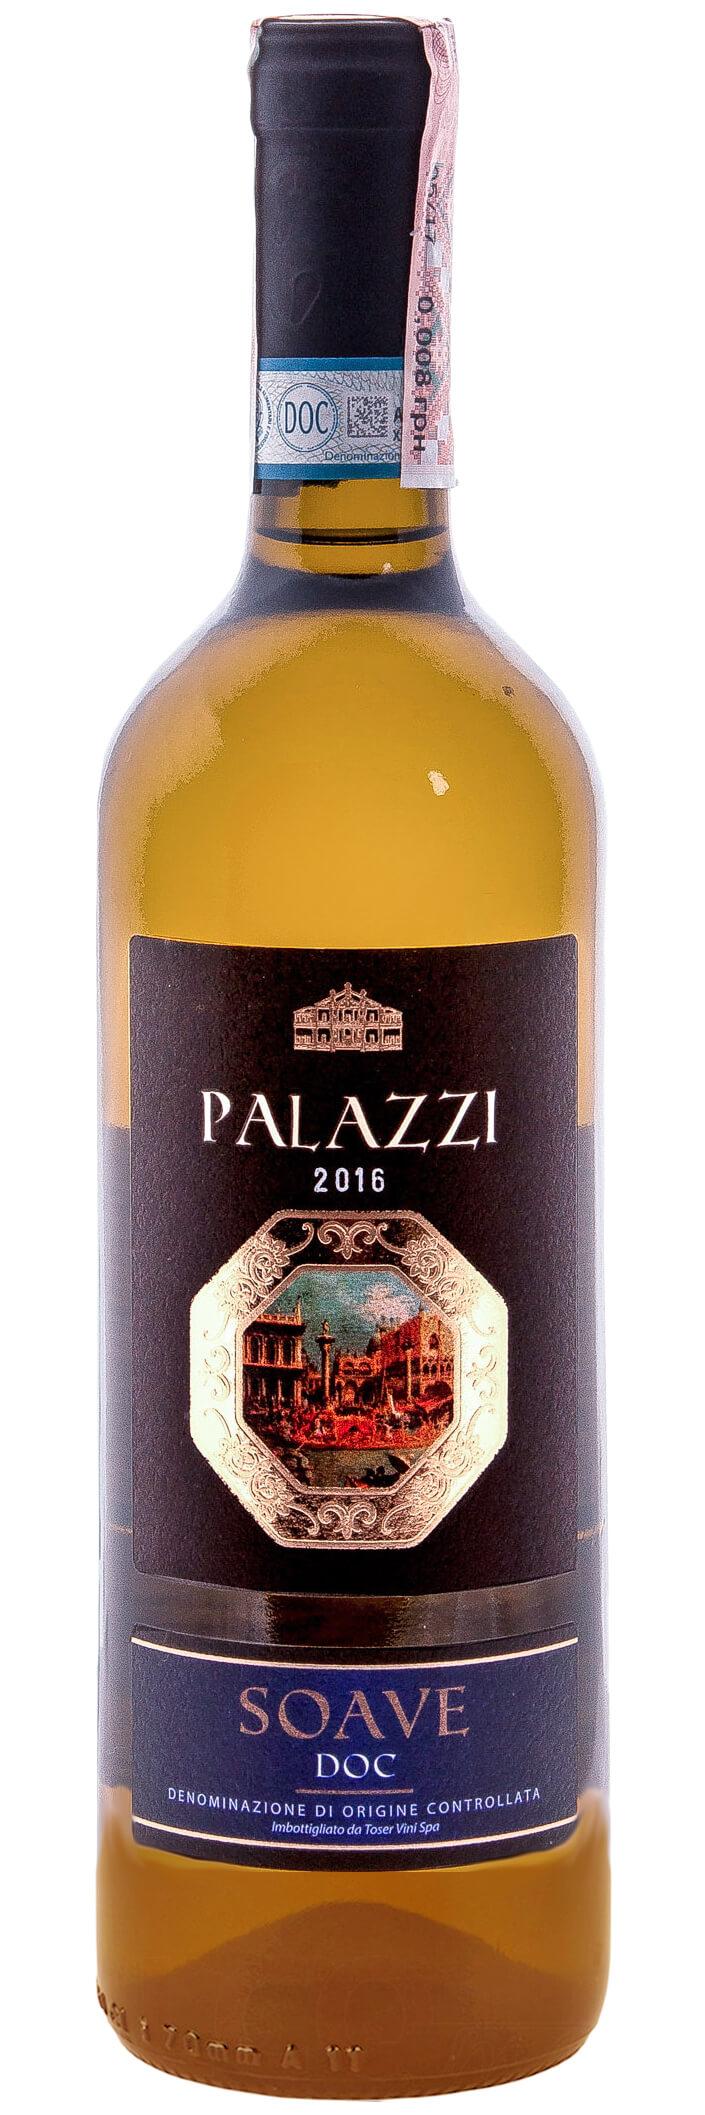 2017 Palazzi Soave фото